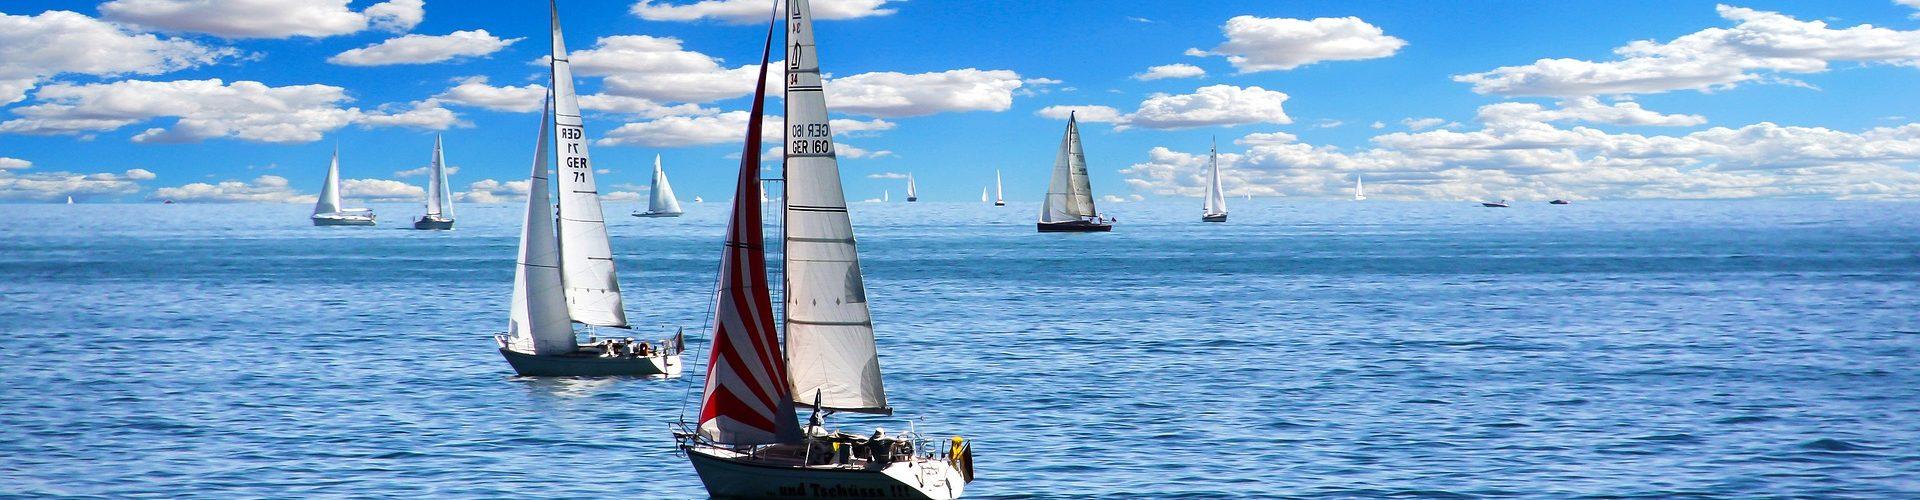 segeln lernen in Grenzach Wyhlen segelschein machen in Grenzach Wyhlen 1920x500 - Segeln lernen in Grenzach-Wyhlen